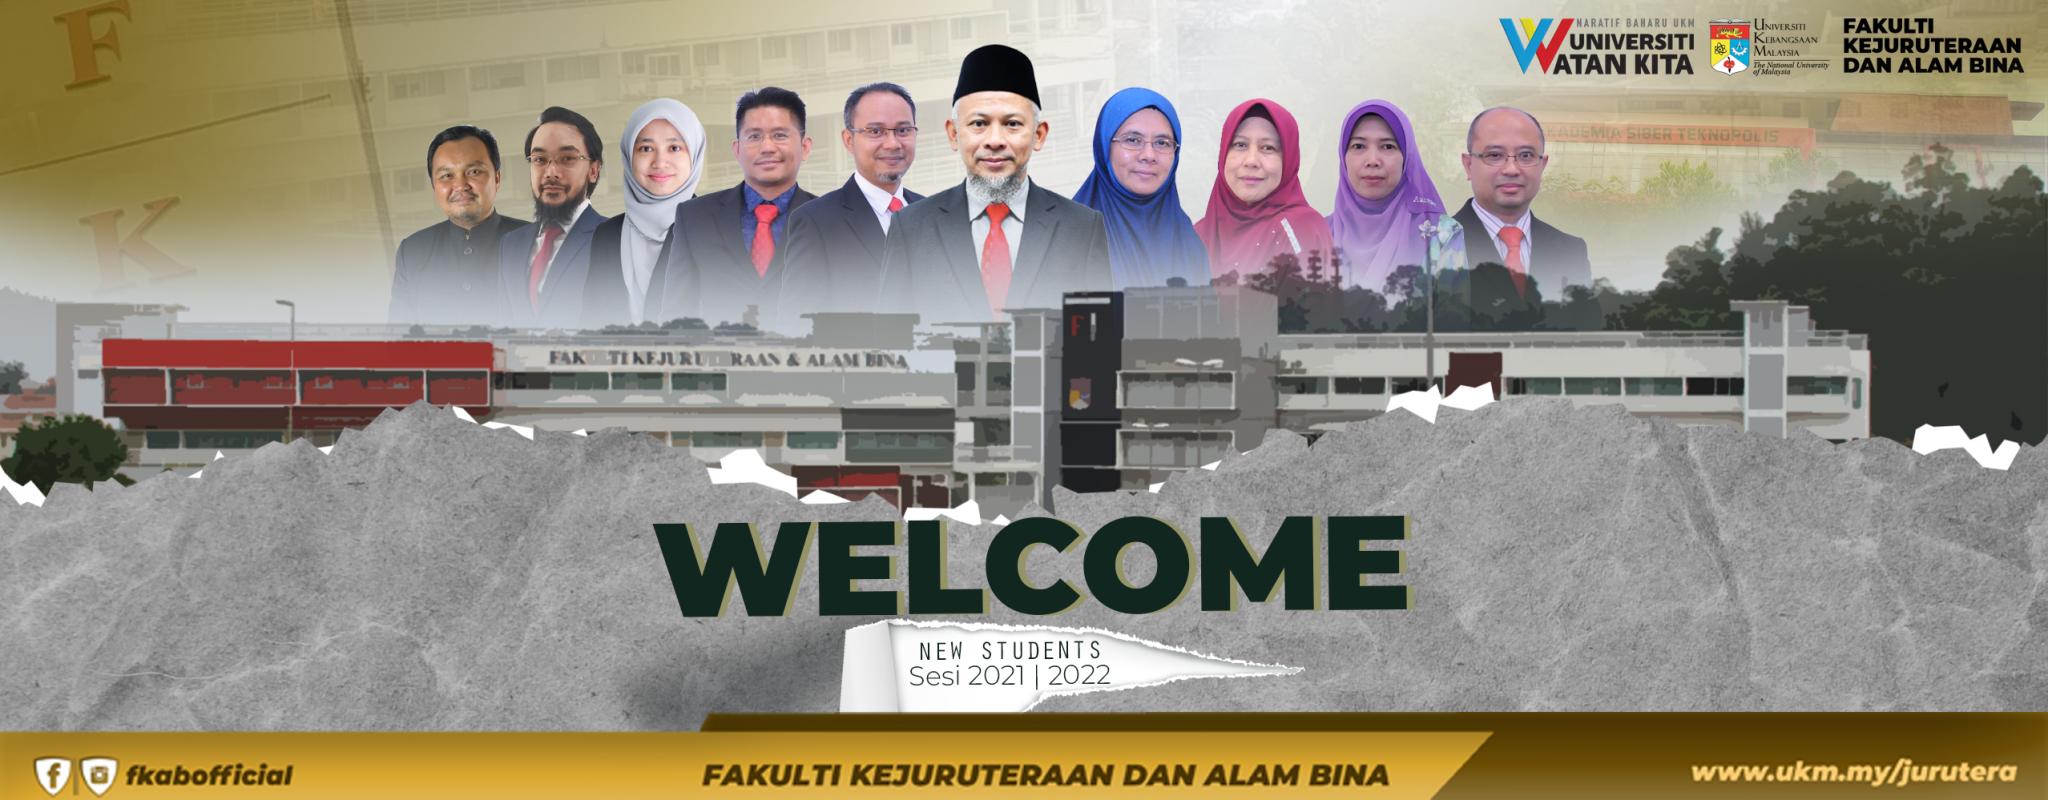 banner web English